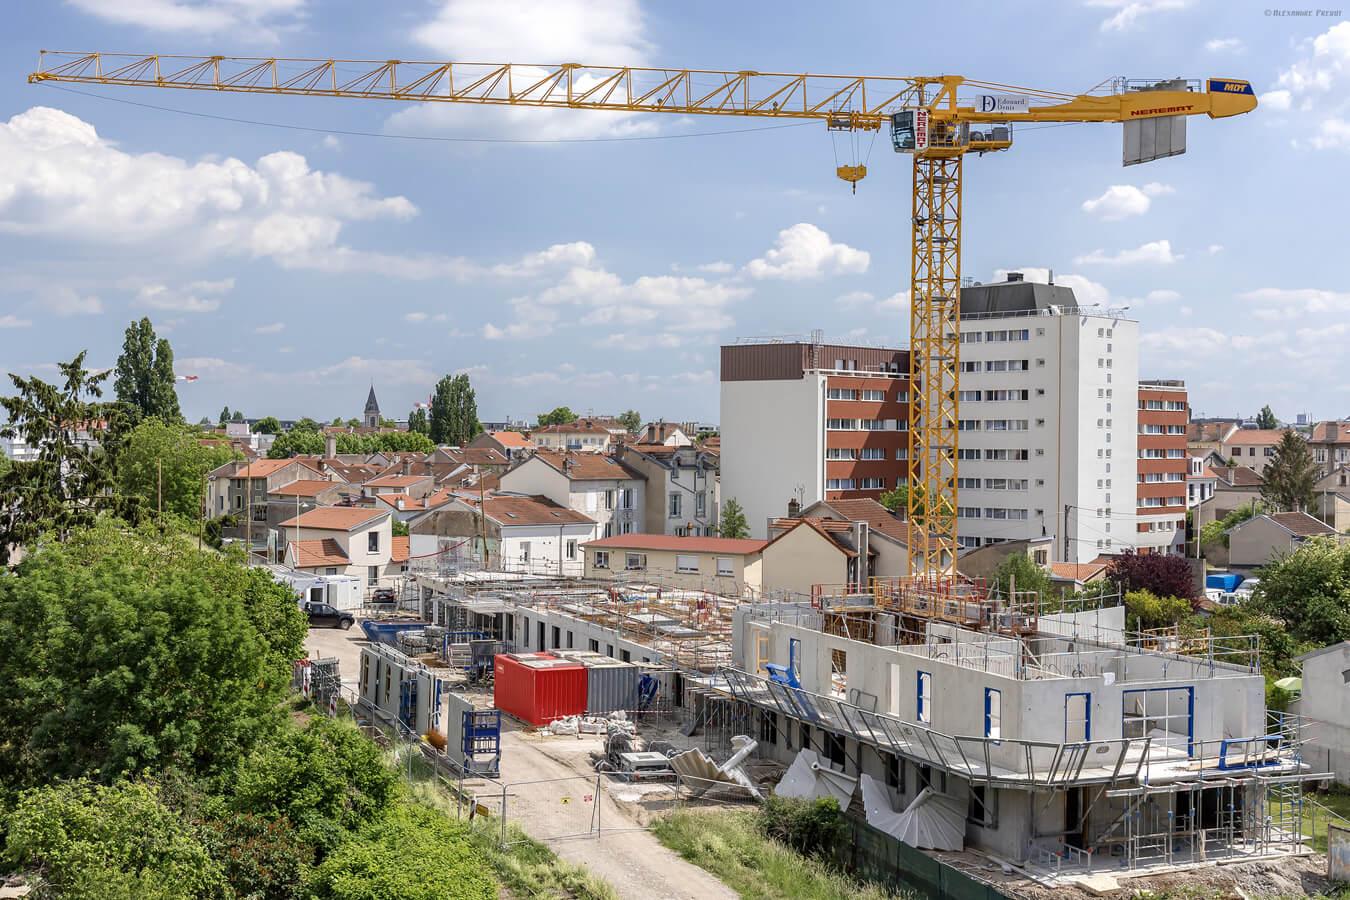 La construction de logements représente plus de 40% de la surface artificialisée